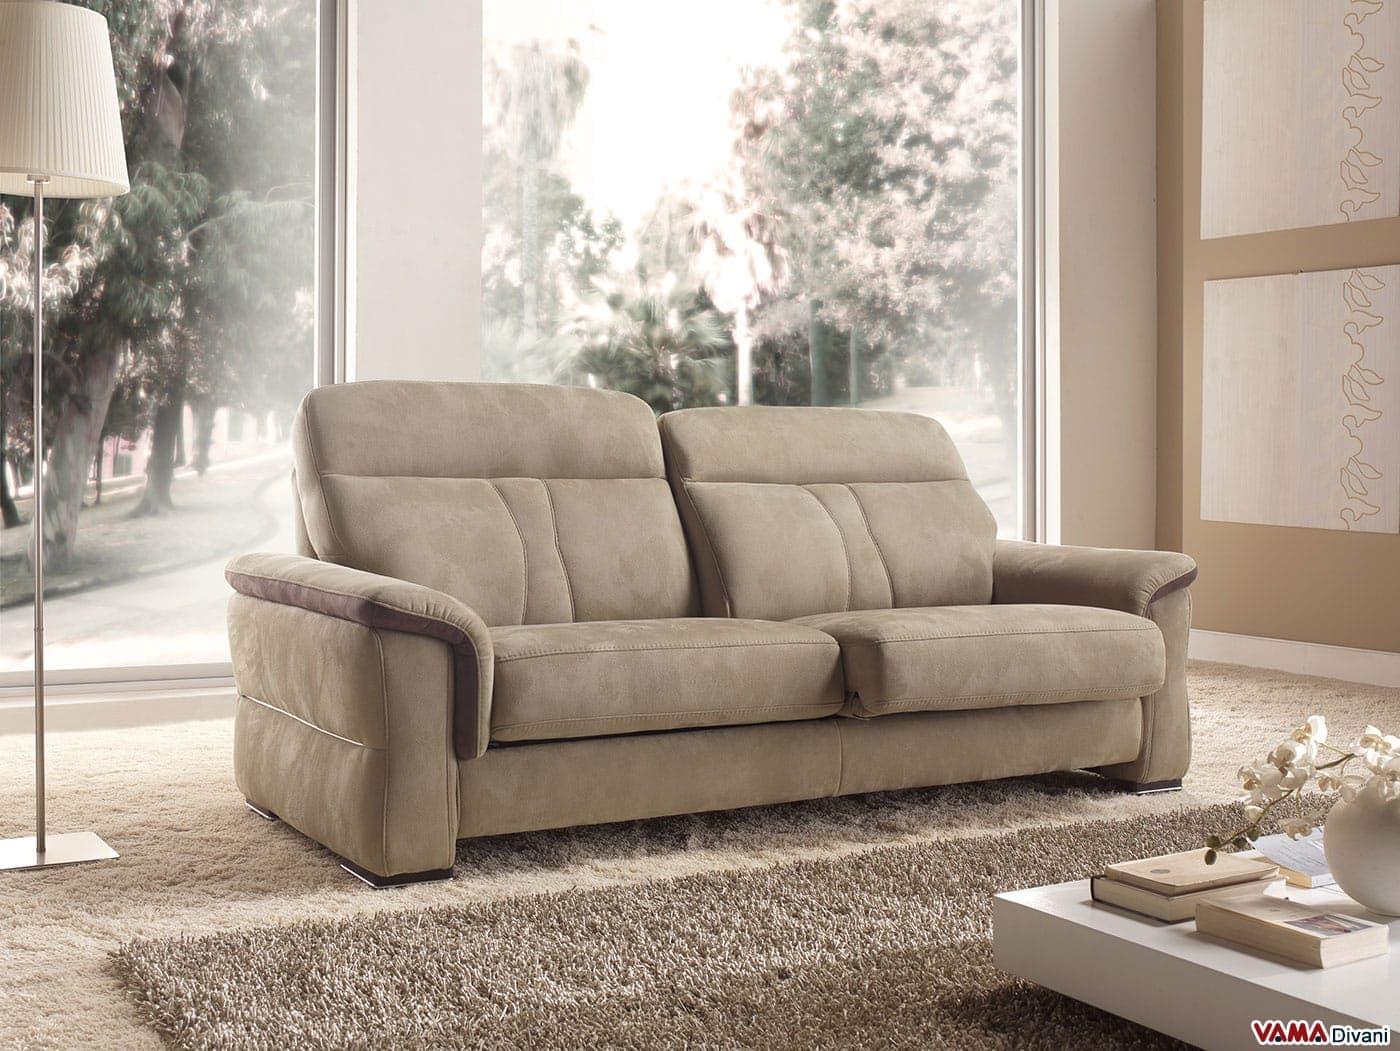 divano moderno in tessuto e pelle con sedute allungabili - Divani Con Seduta Allungabile